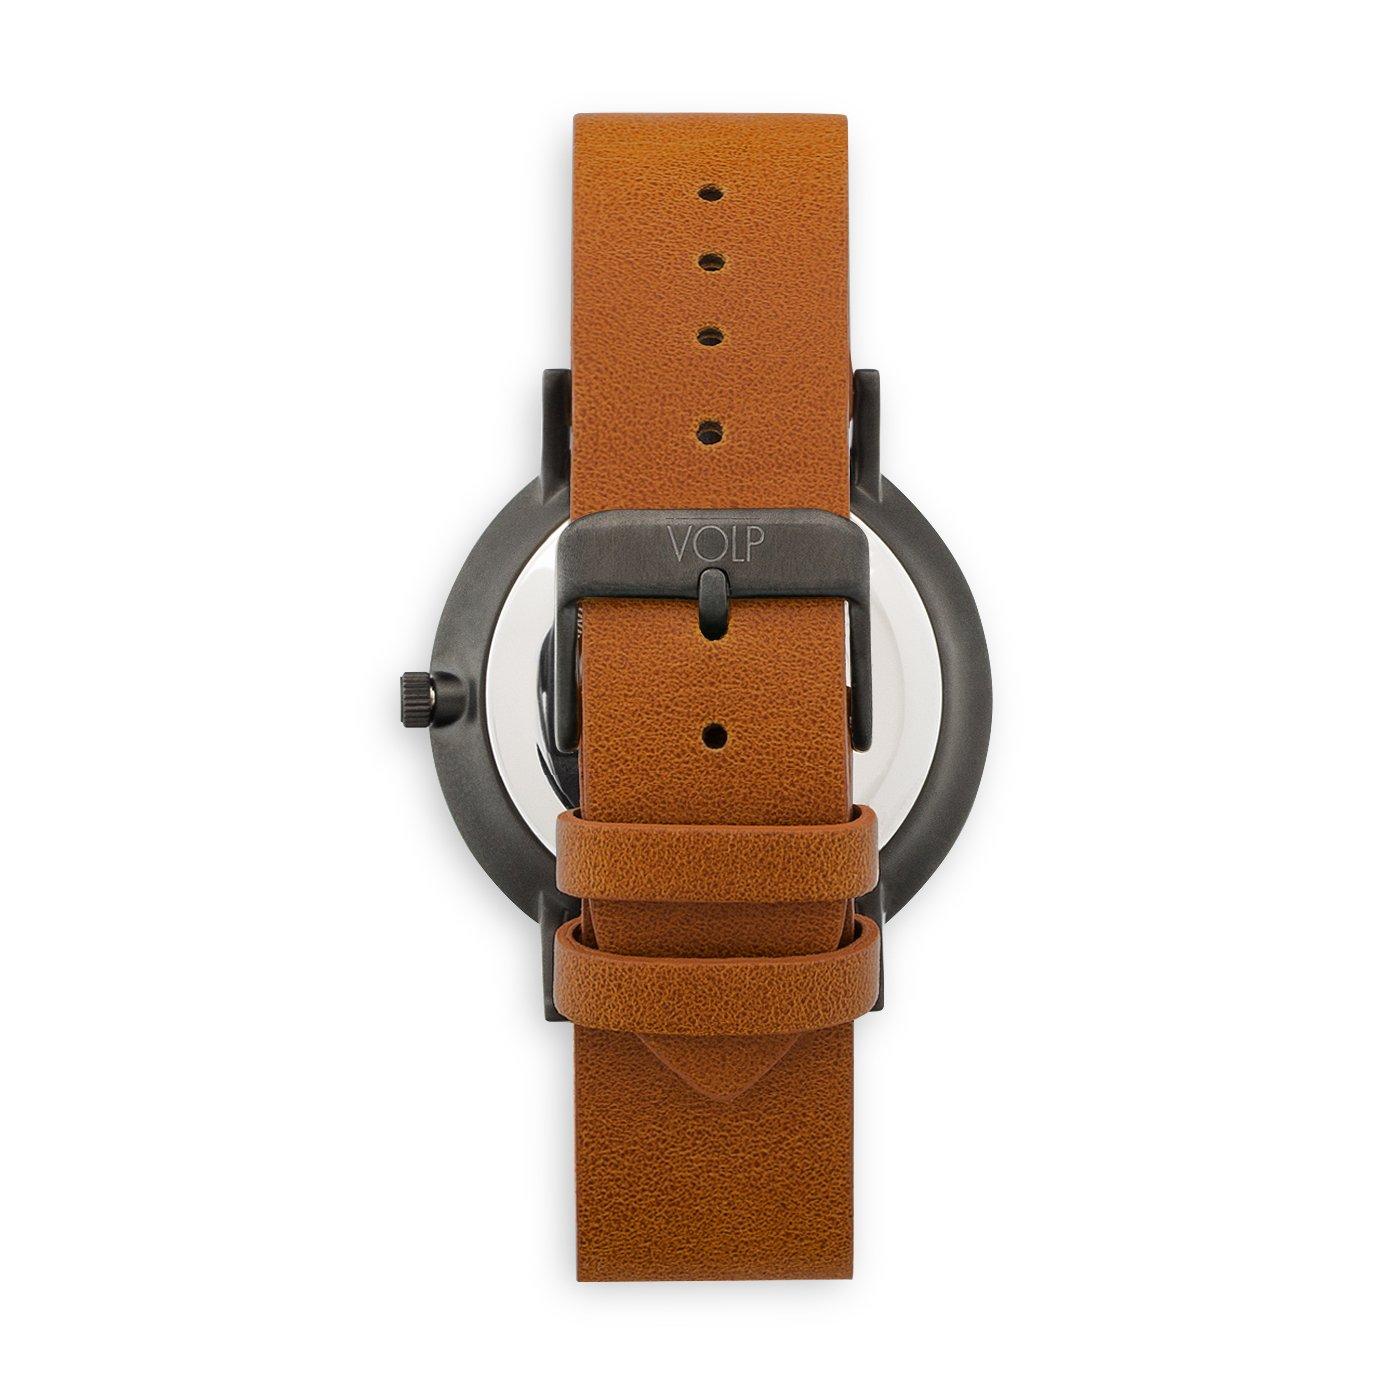 Reloj Vegano Unisex de Pulsera. VOLP Negro Luxe/Camel, de Acero Inoxidable (42 mm). Correas Intercambiables de Piel Vegana.: Amazon.es: Relojes